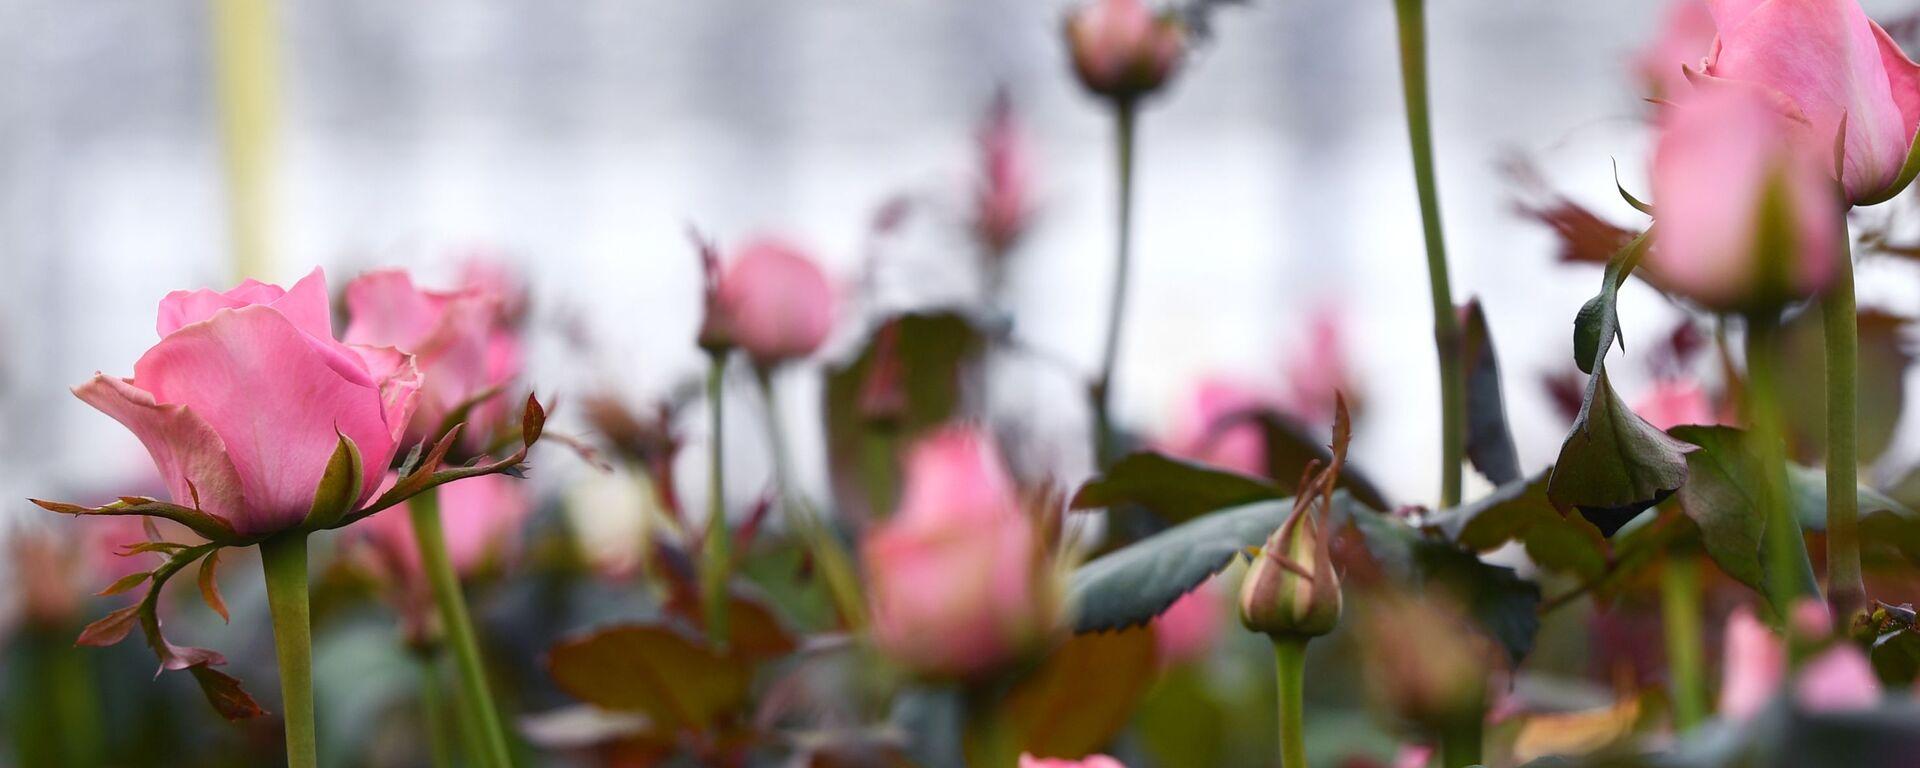 Выращивание голландских роз в тепличном комплексе в Новосибирске - Sputnik Латвия, 1920, 12.06.2021